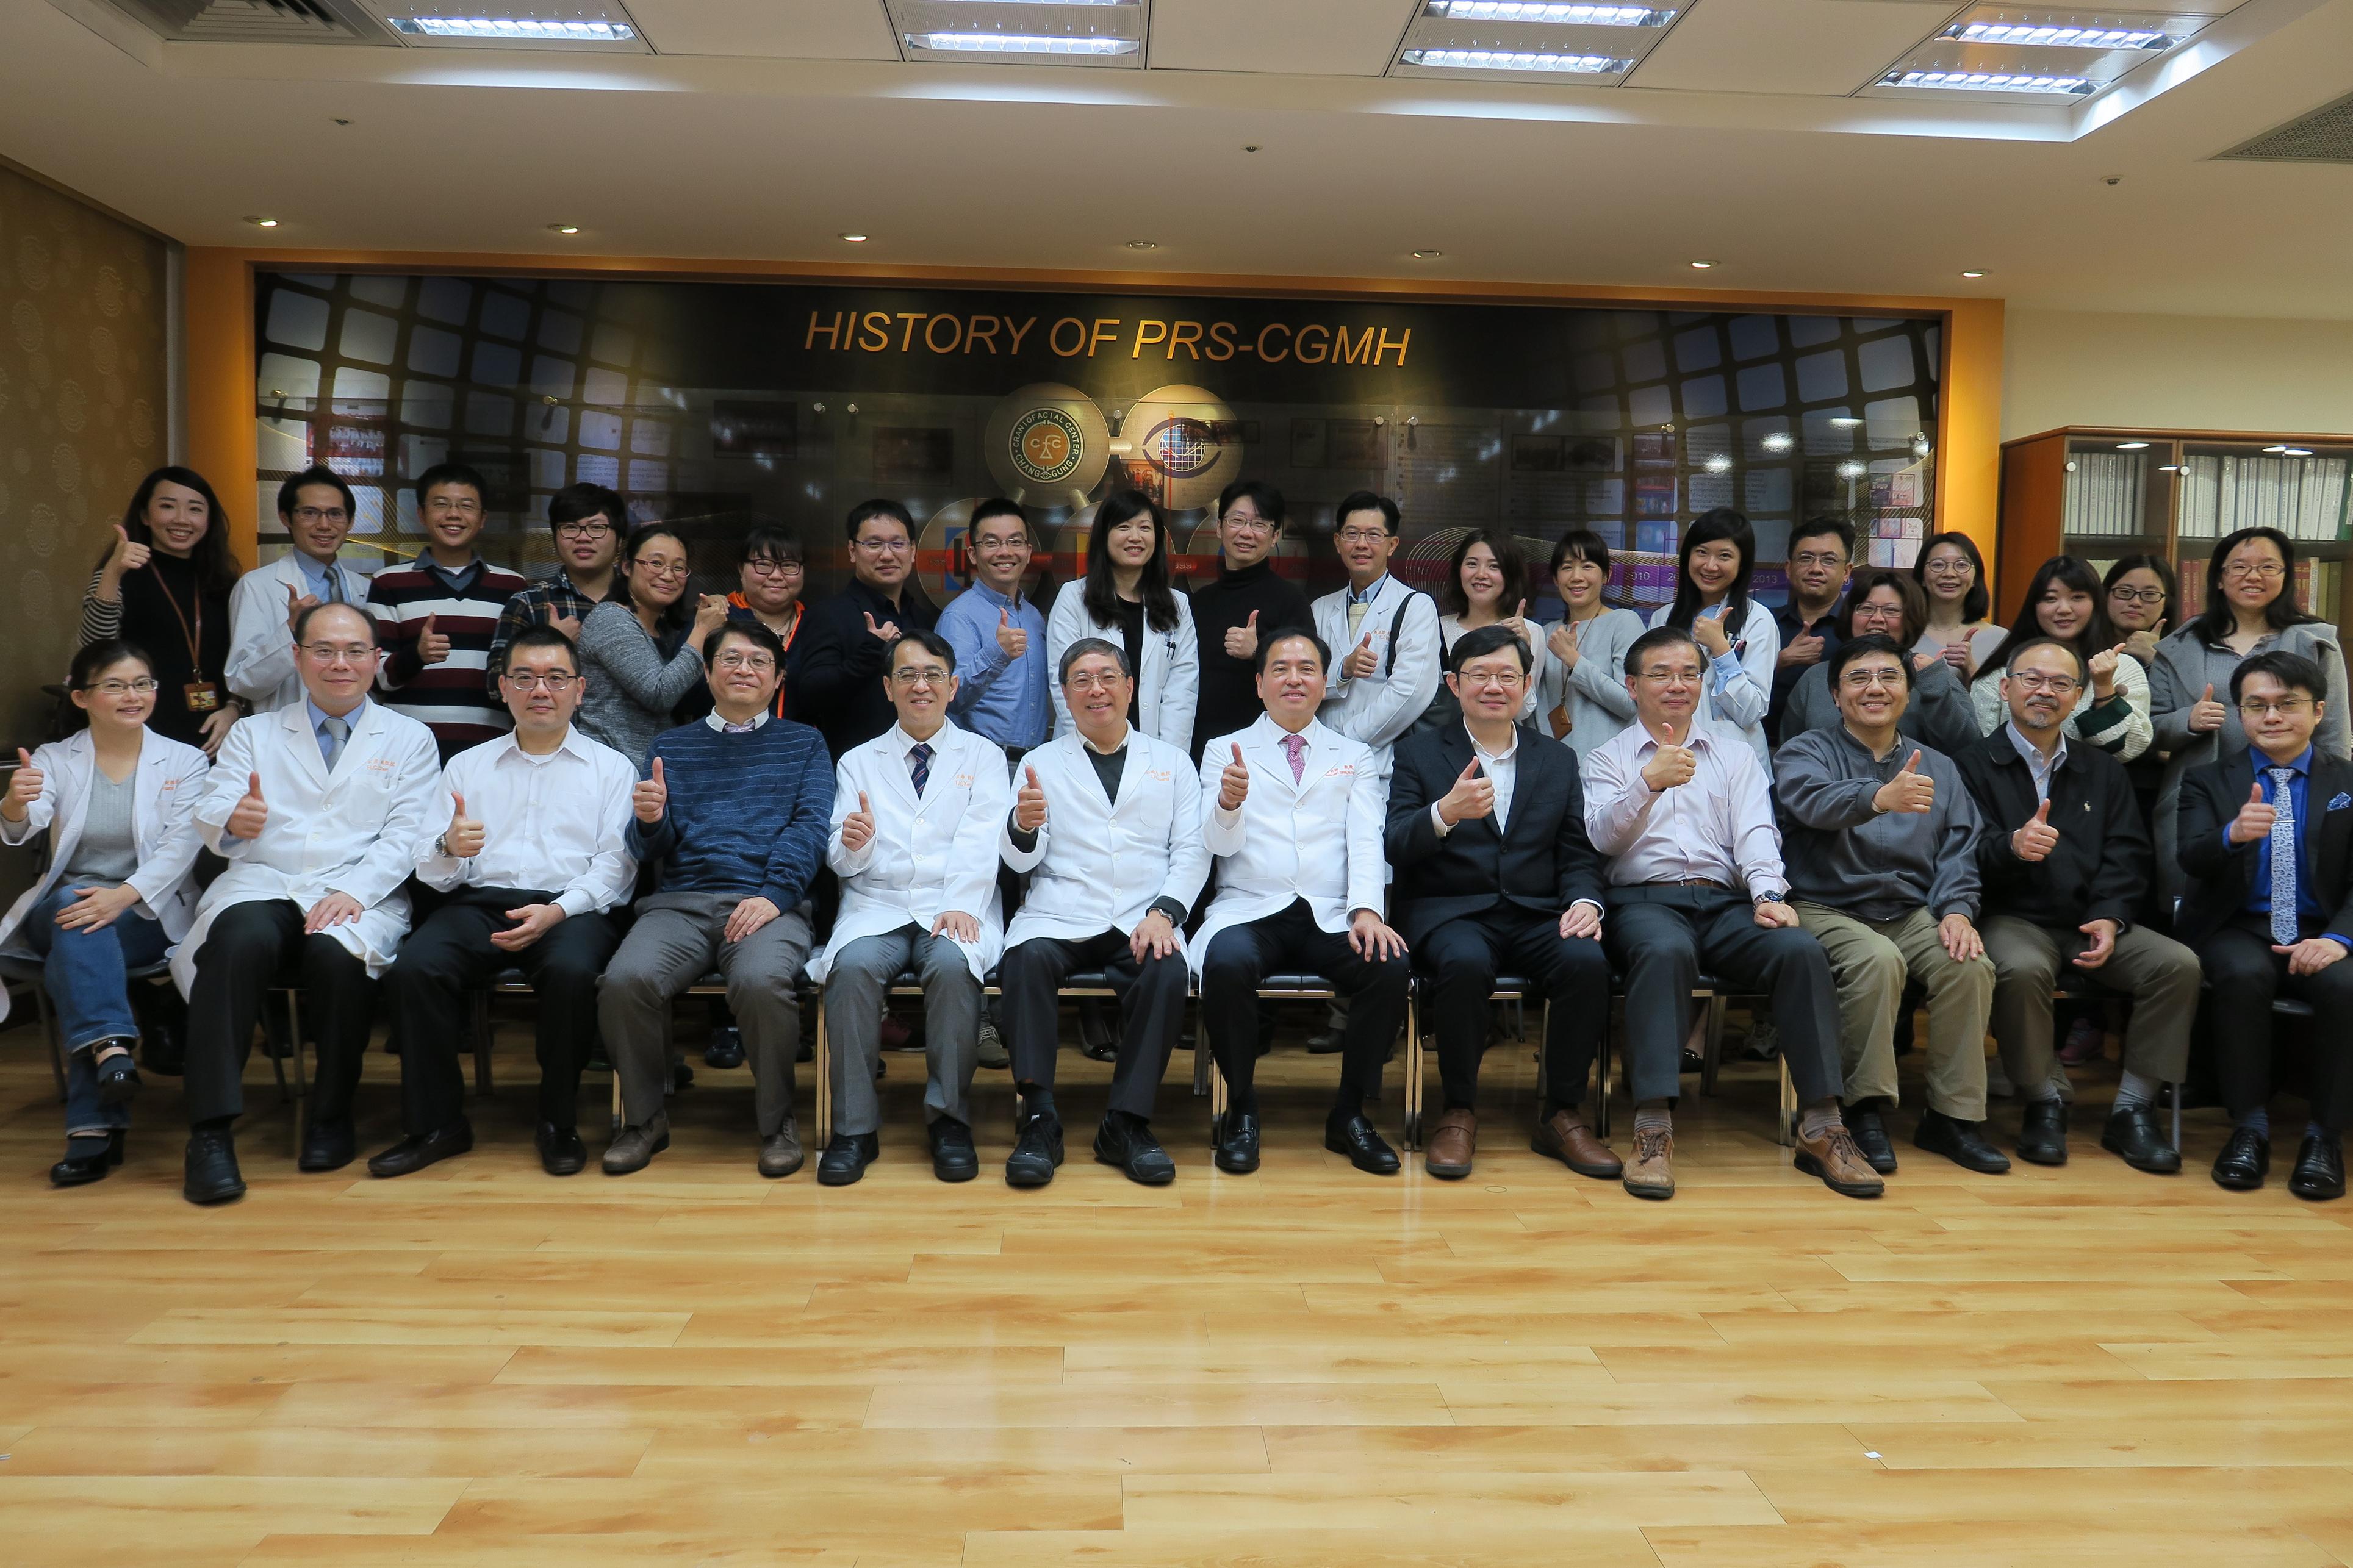 基礎醫學組織工程中心成員團隊